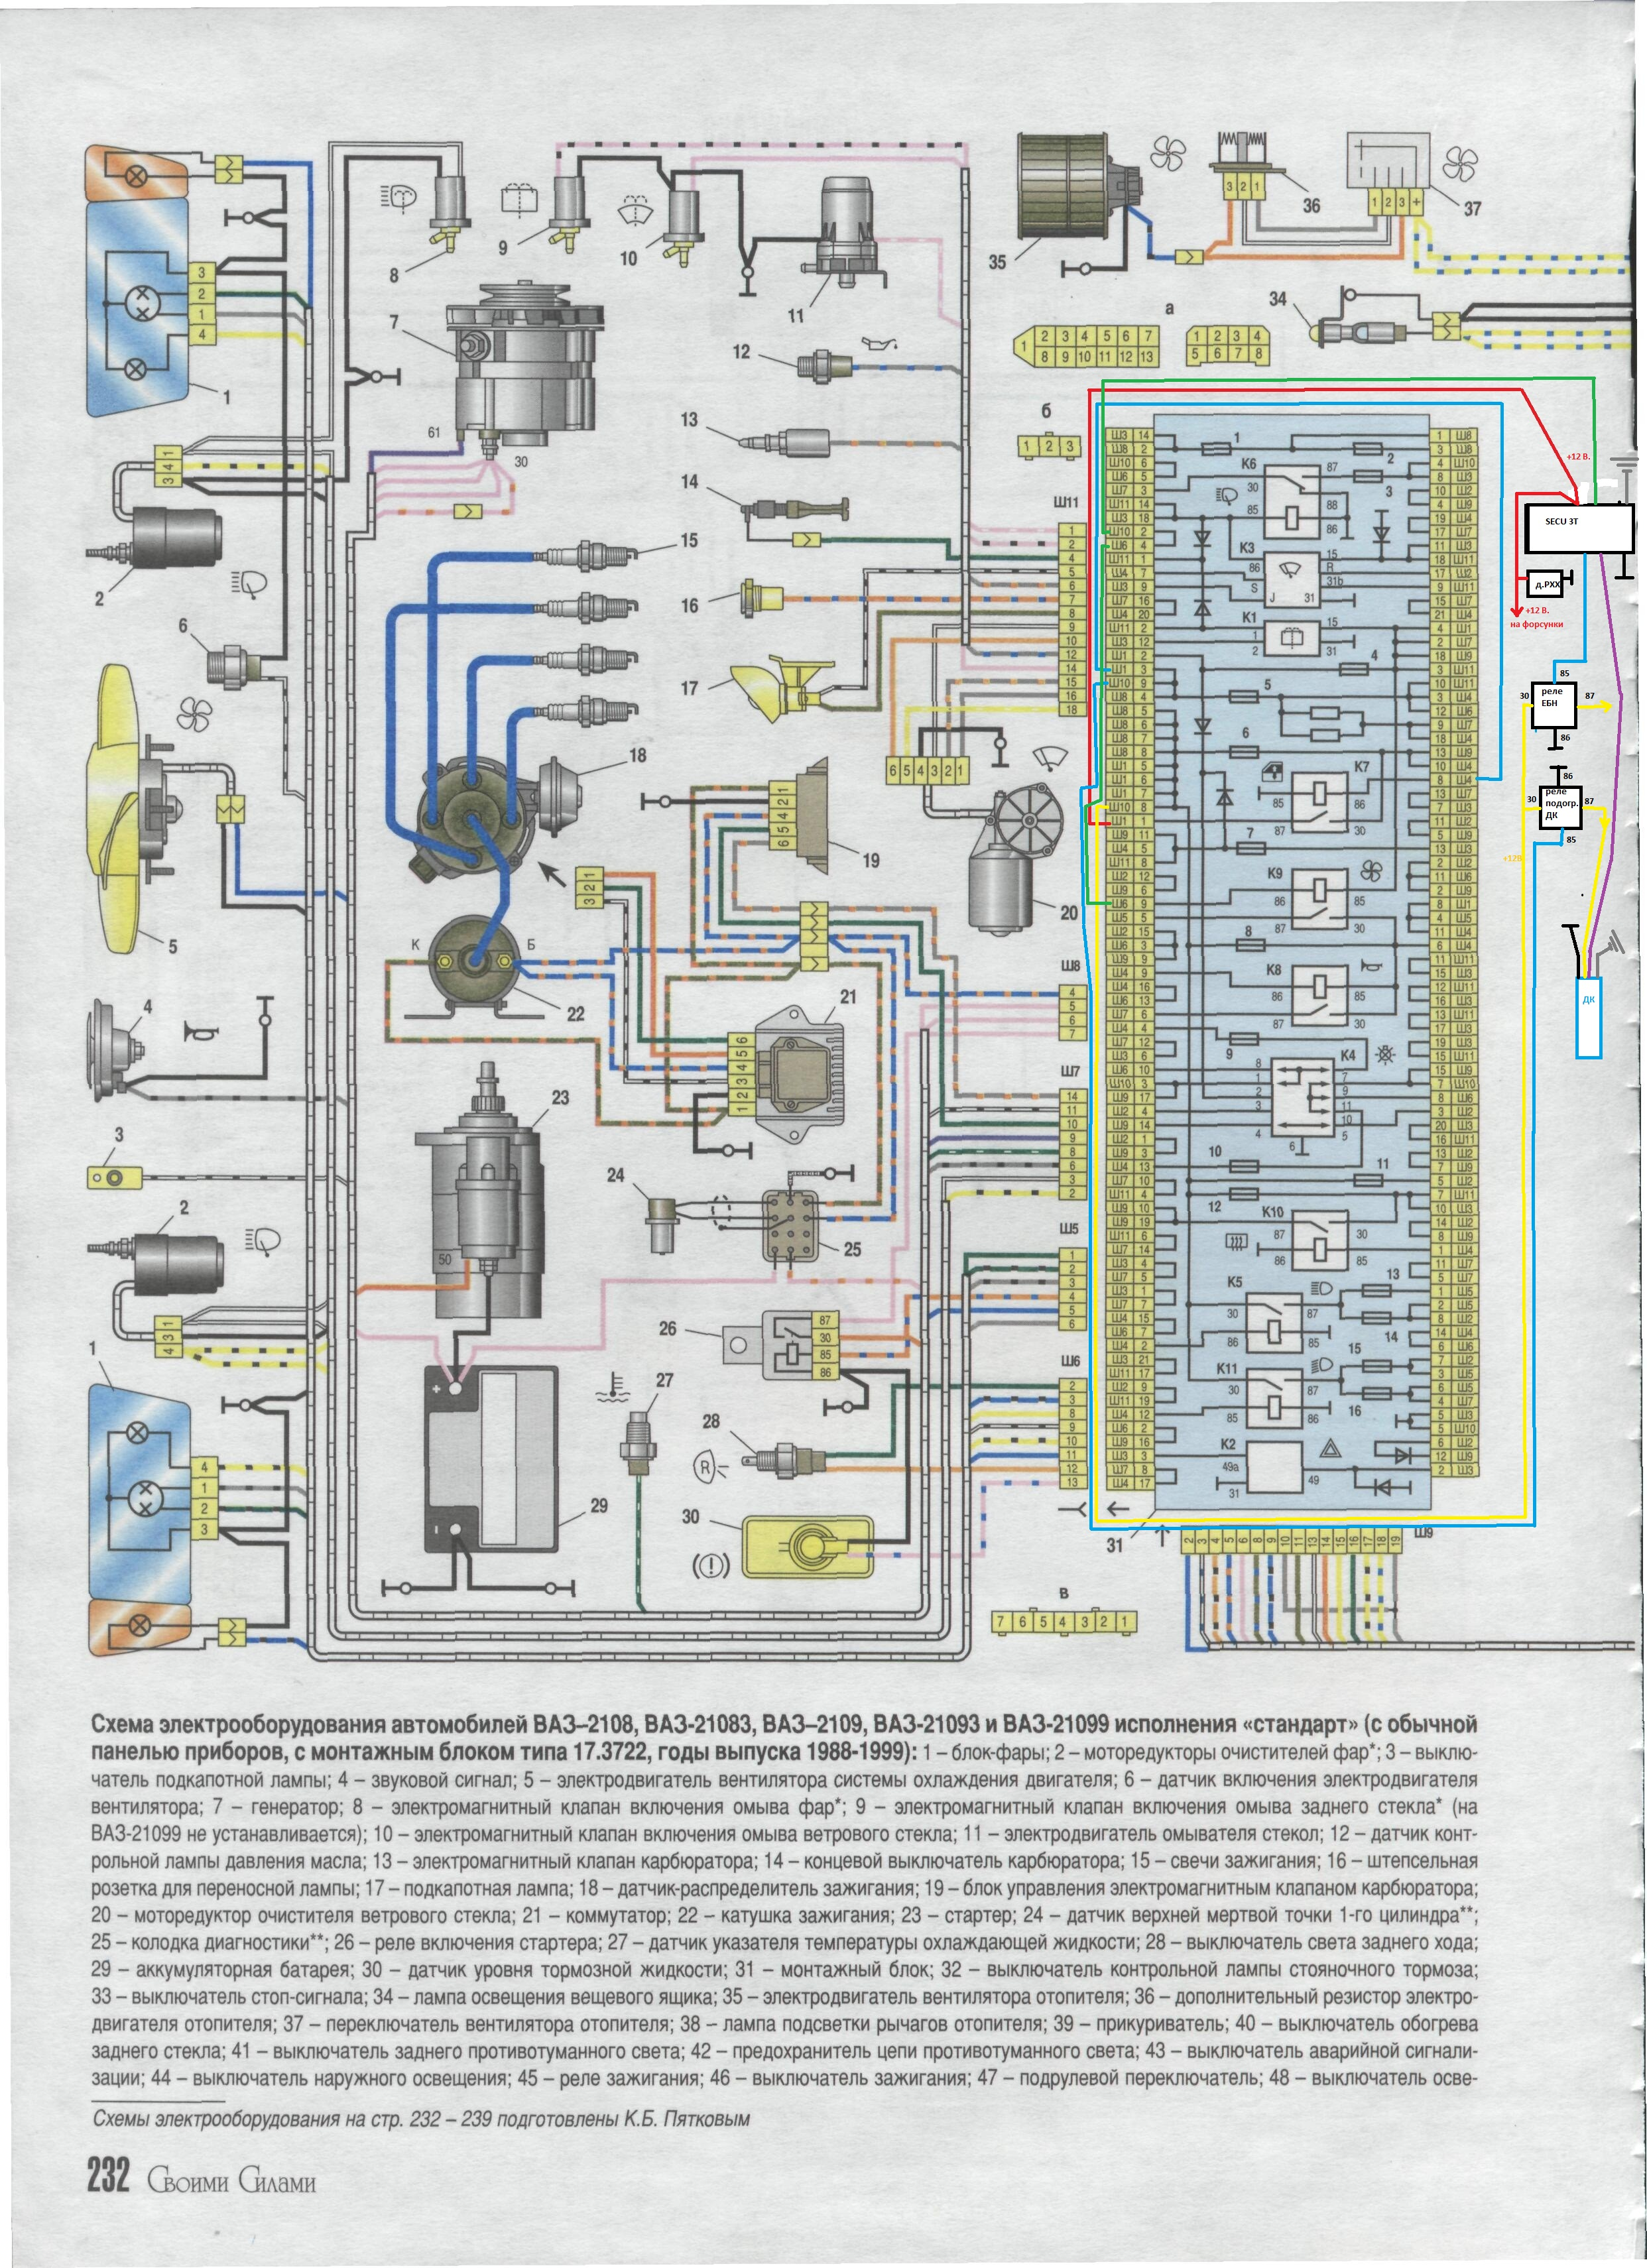 Стопы 2108 электрическая схема